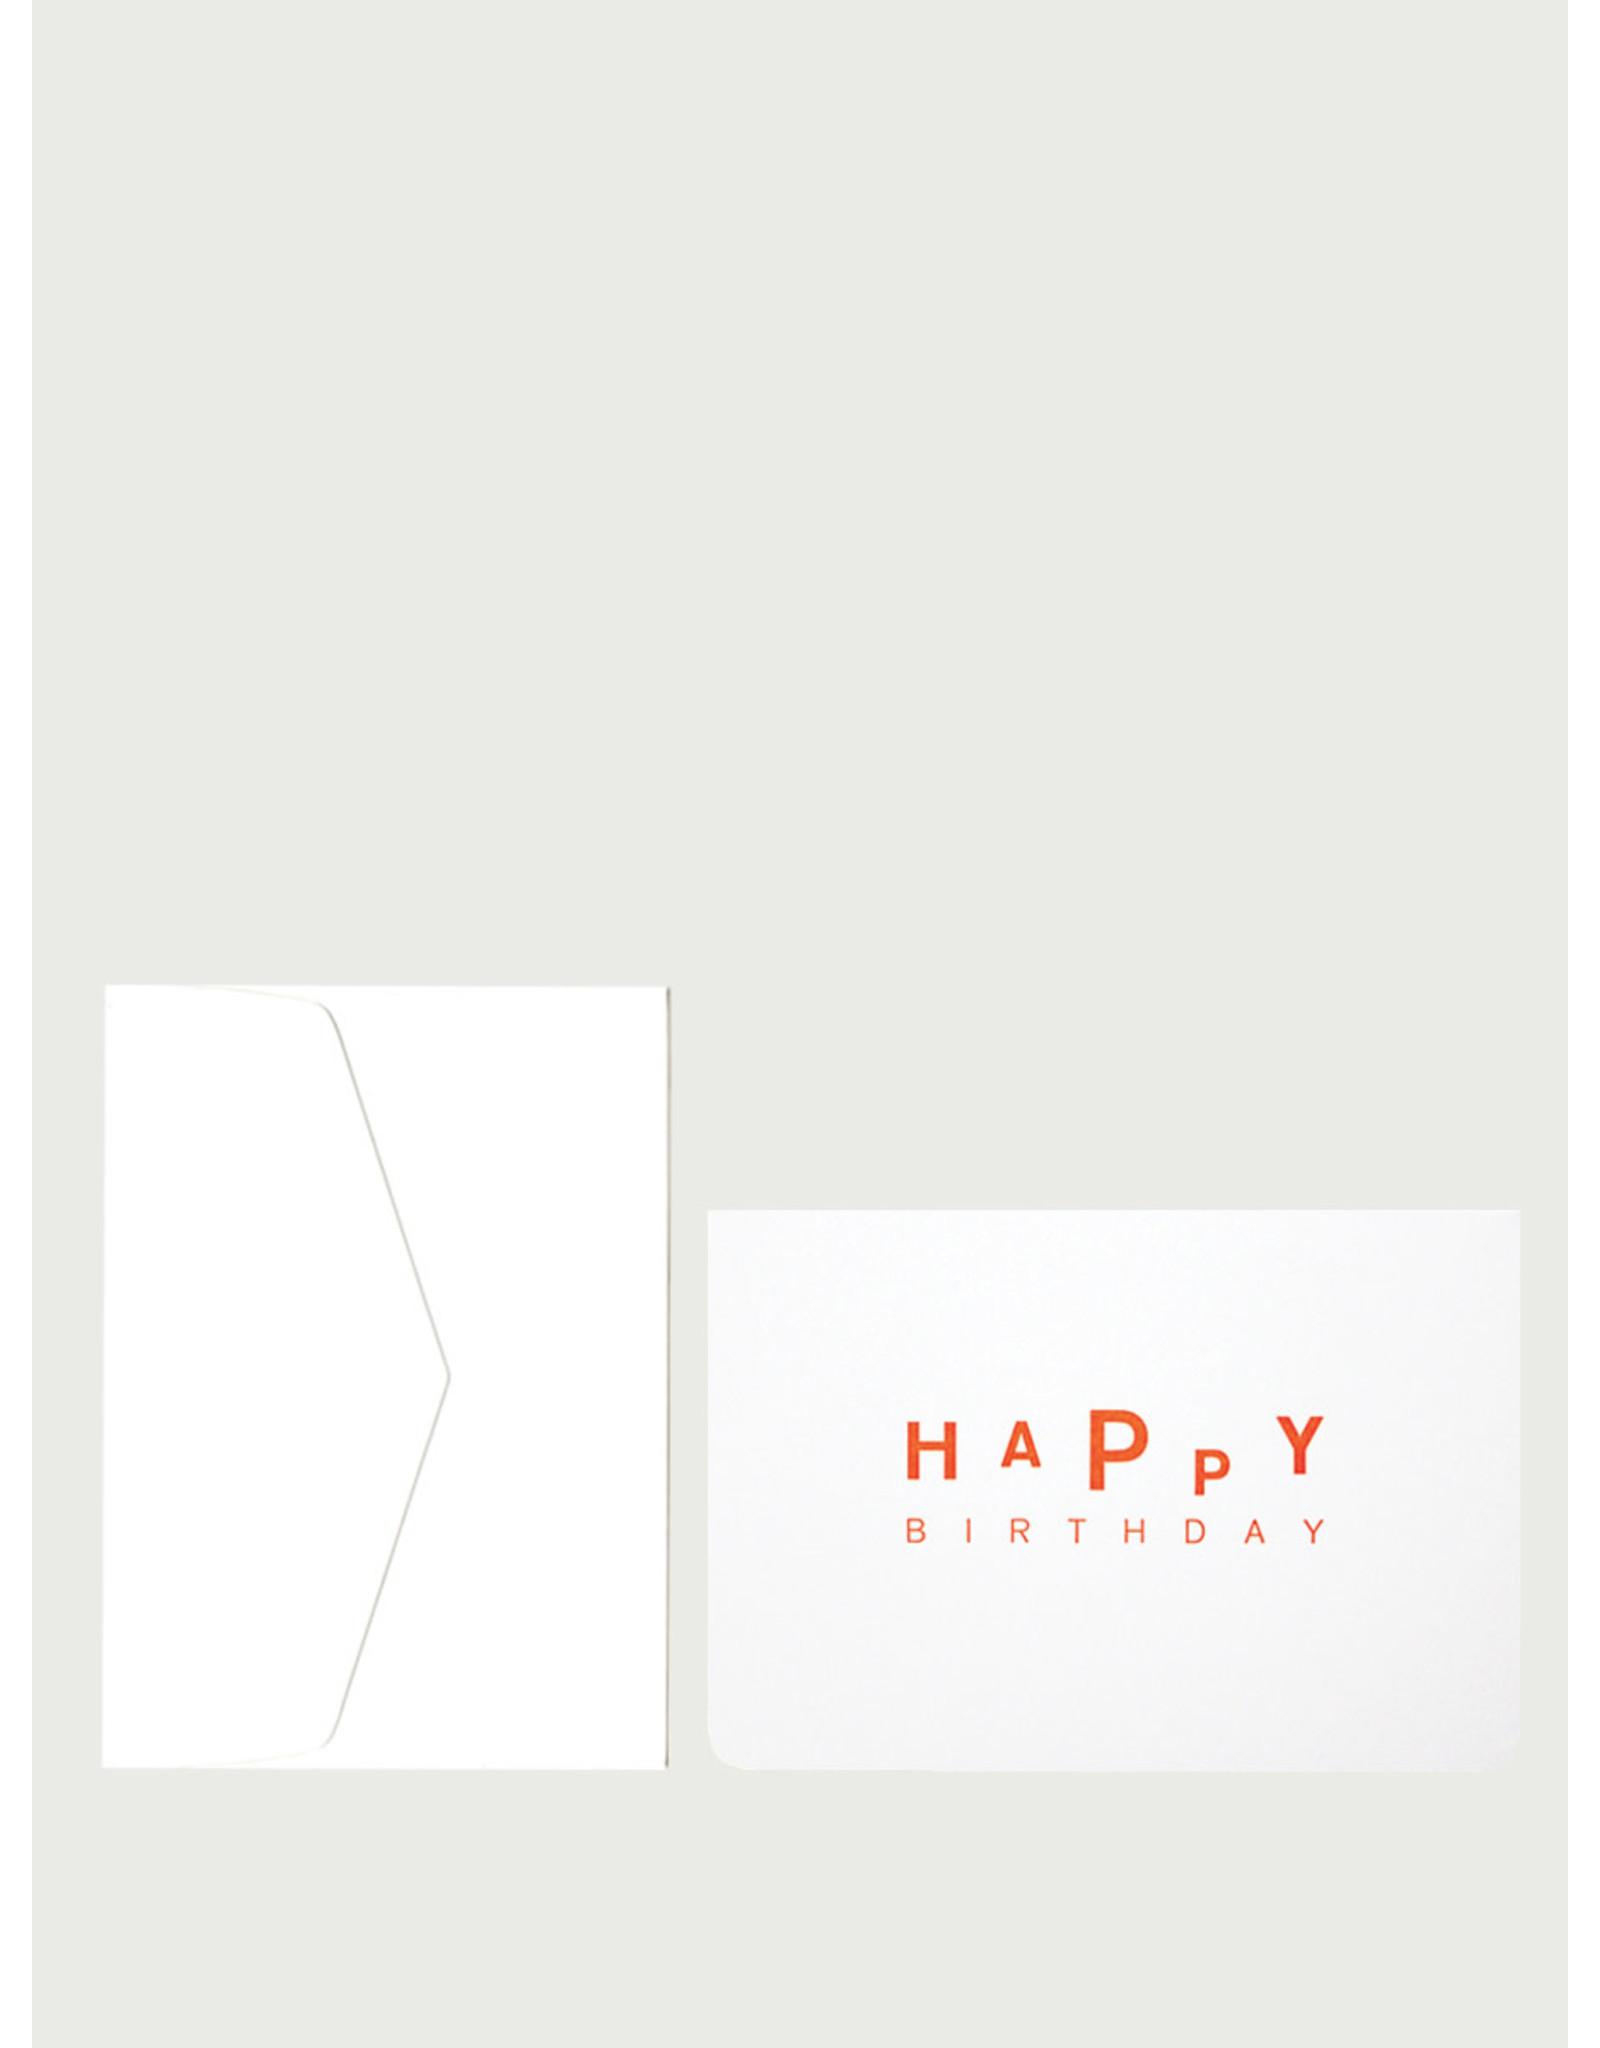 Le Typographe Wenskaart - HaPpy Birthday - Dubbele kaart + Envelope - 10 x 15cm